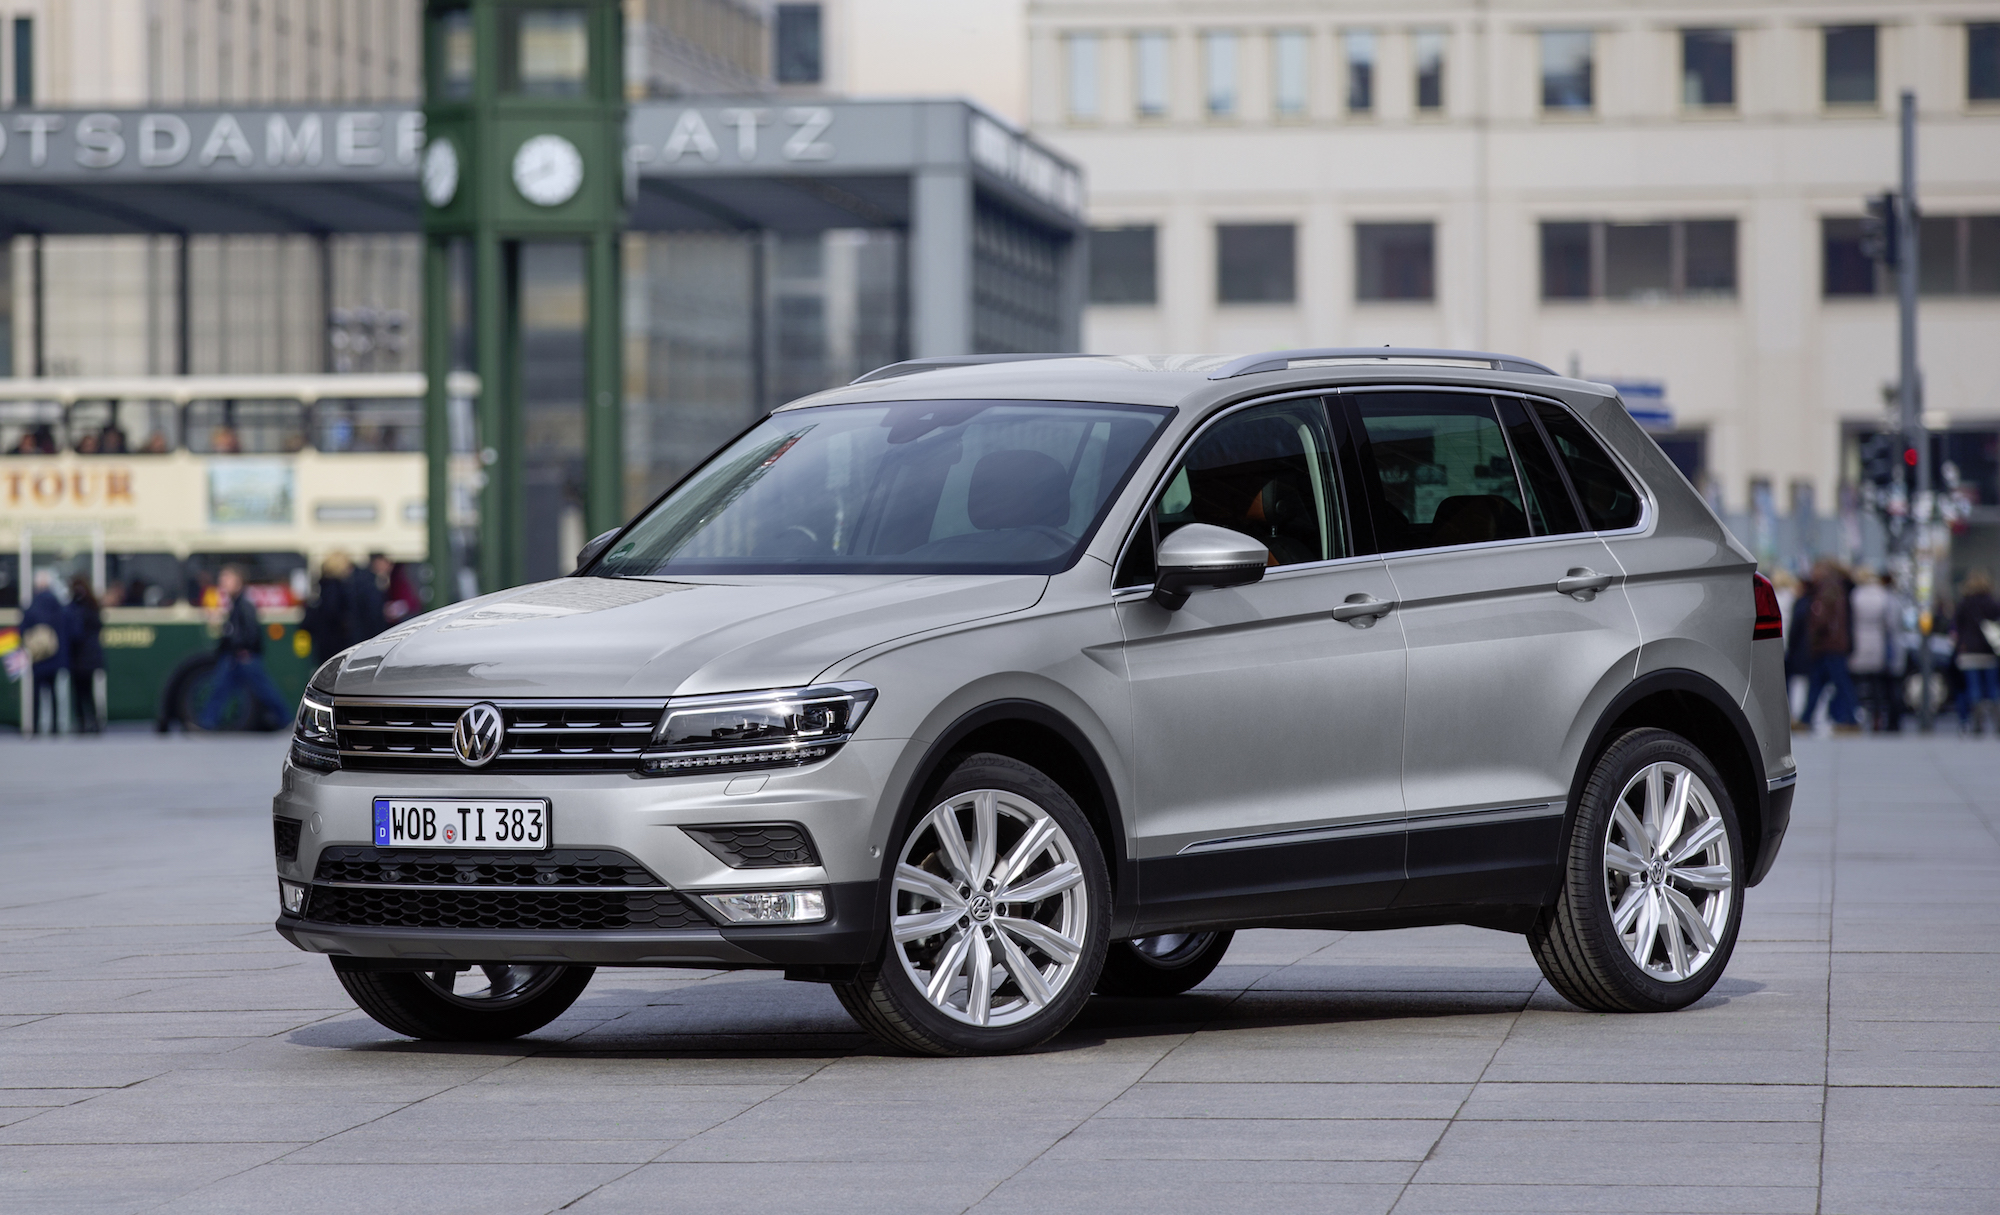 Satılık 2017 model Volkswagen Tiguan